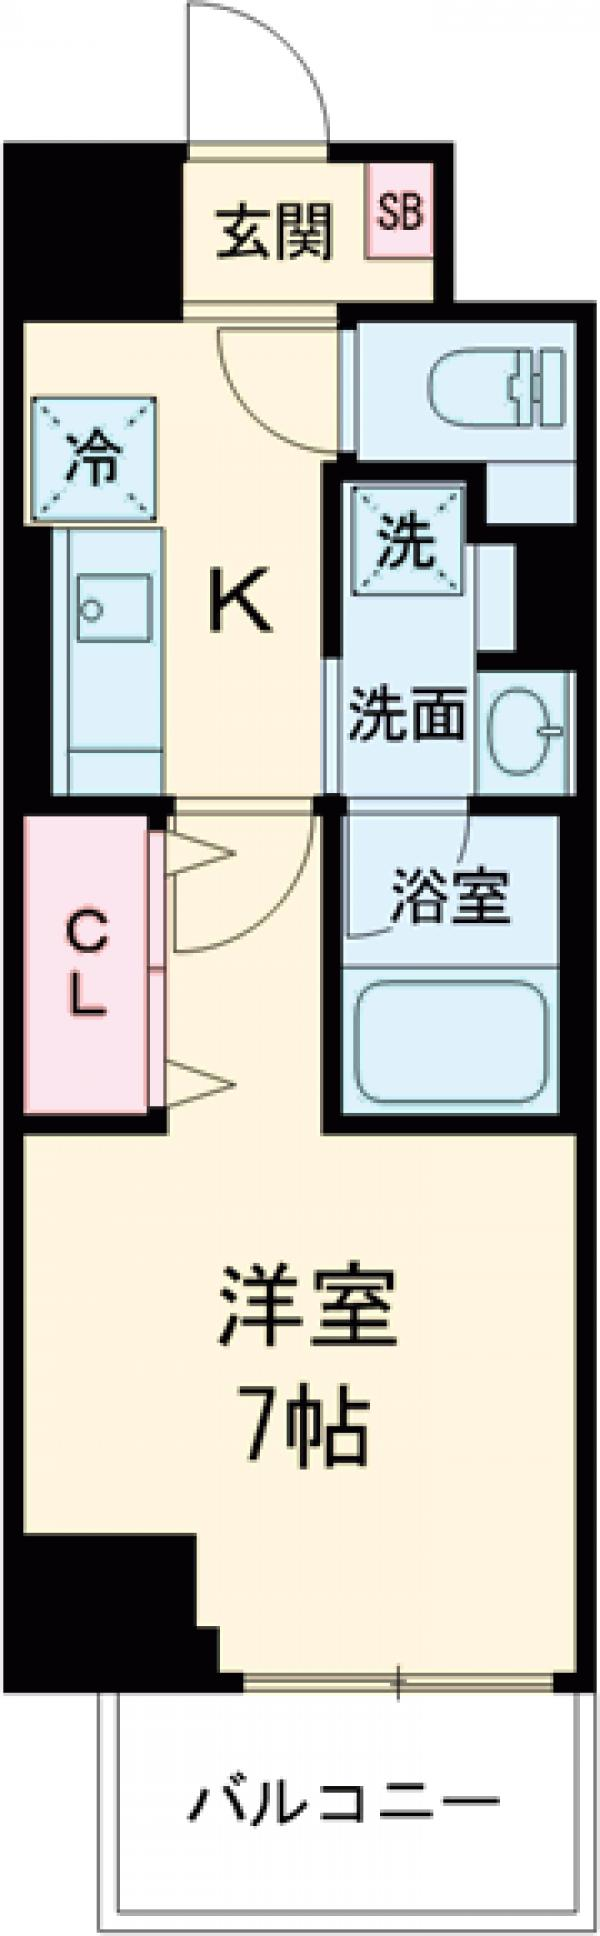 ロイジェント上野桜木・406号室の間取り